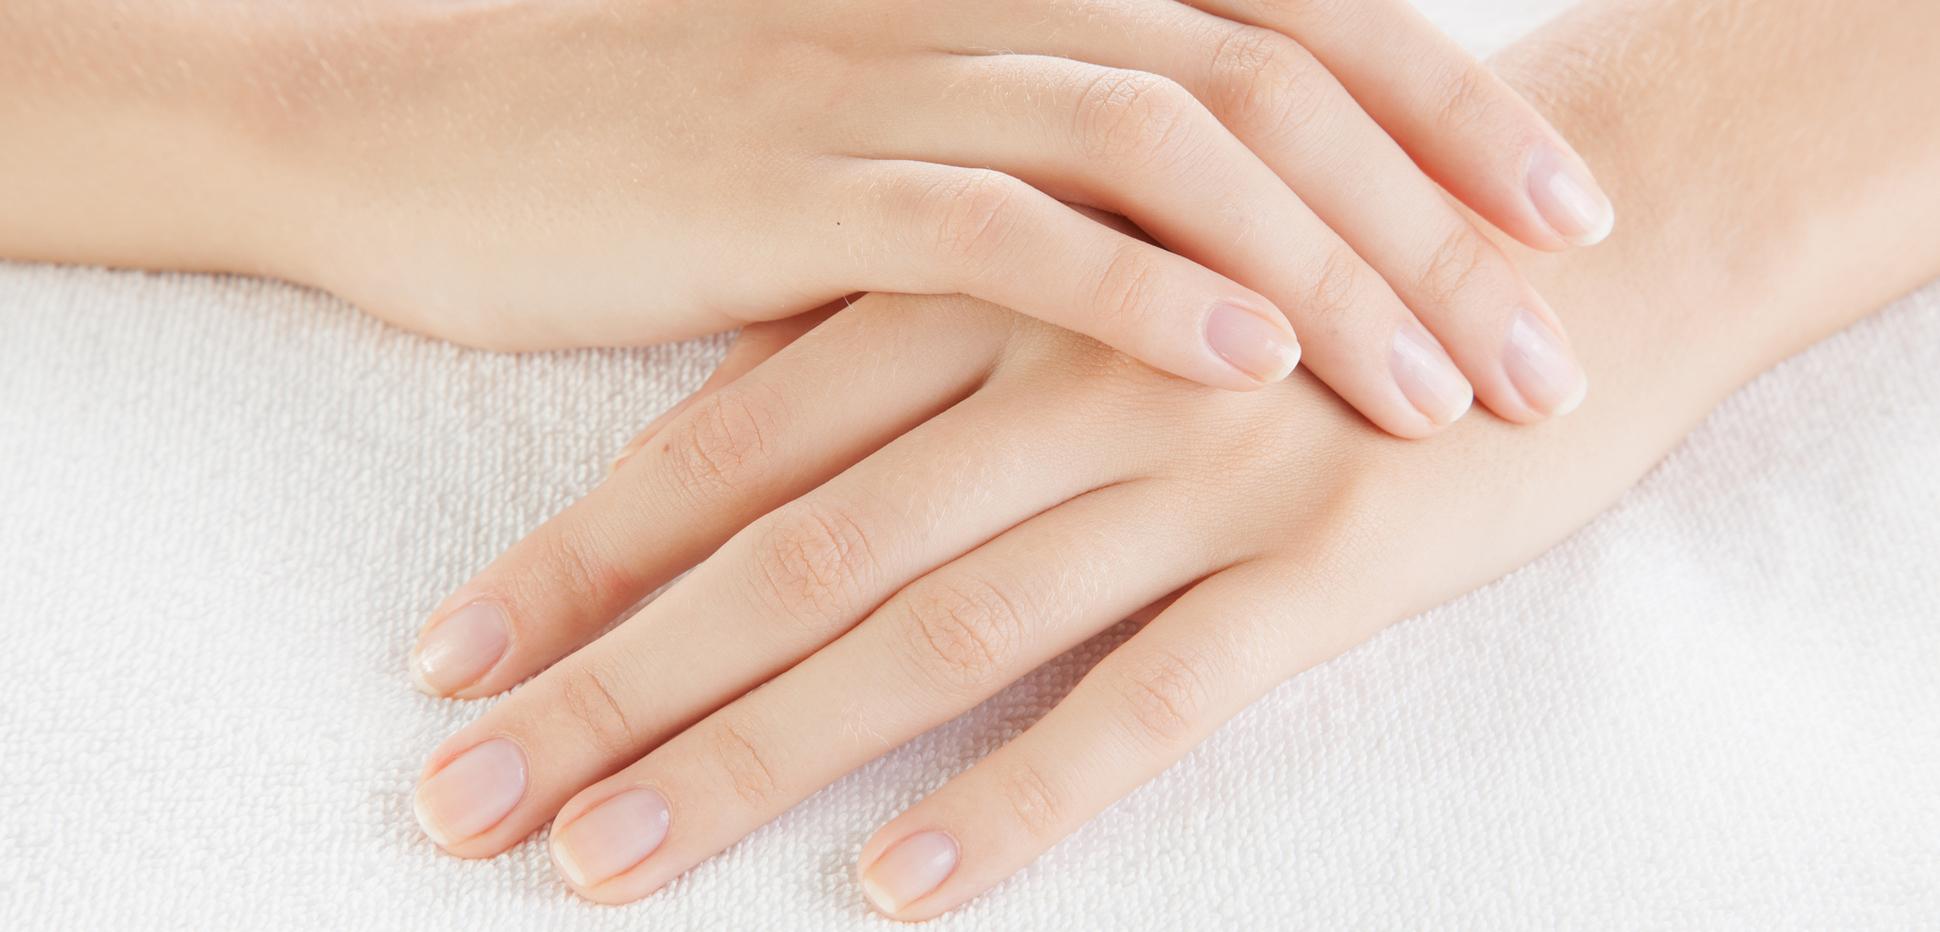 Geht ab fingernagel Fingernagel eingerissen: